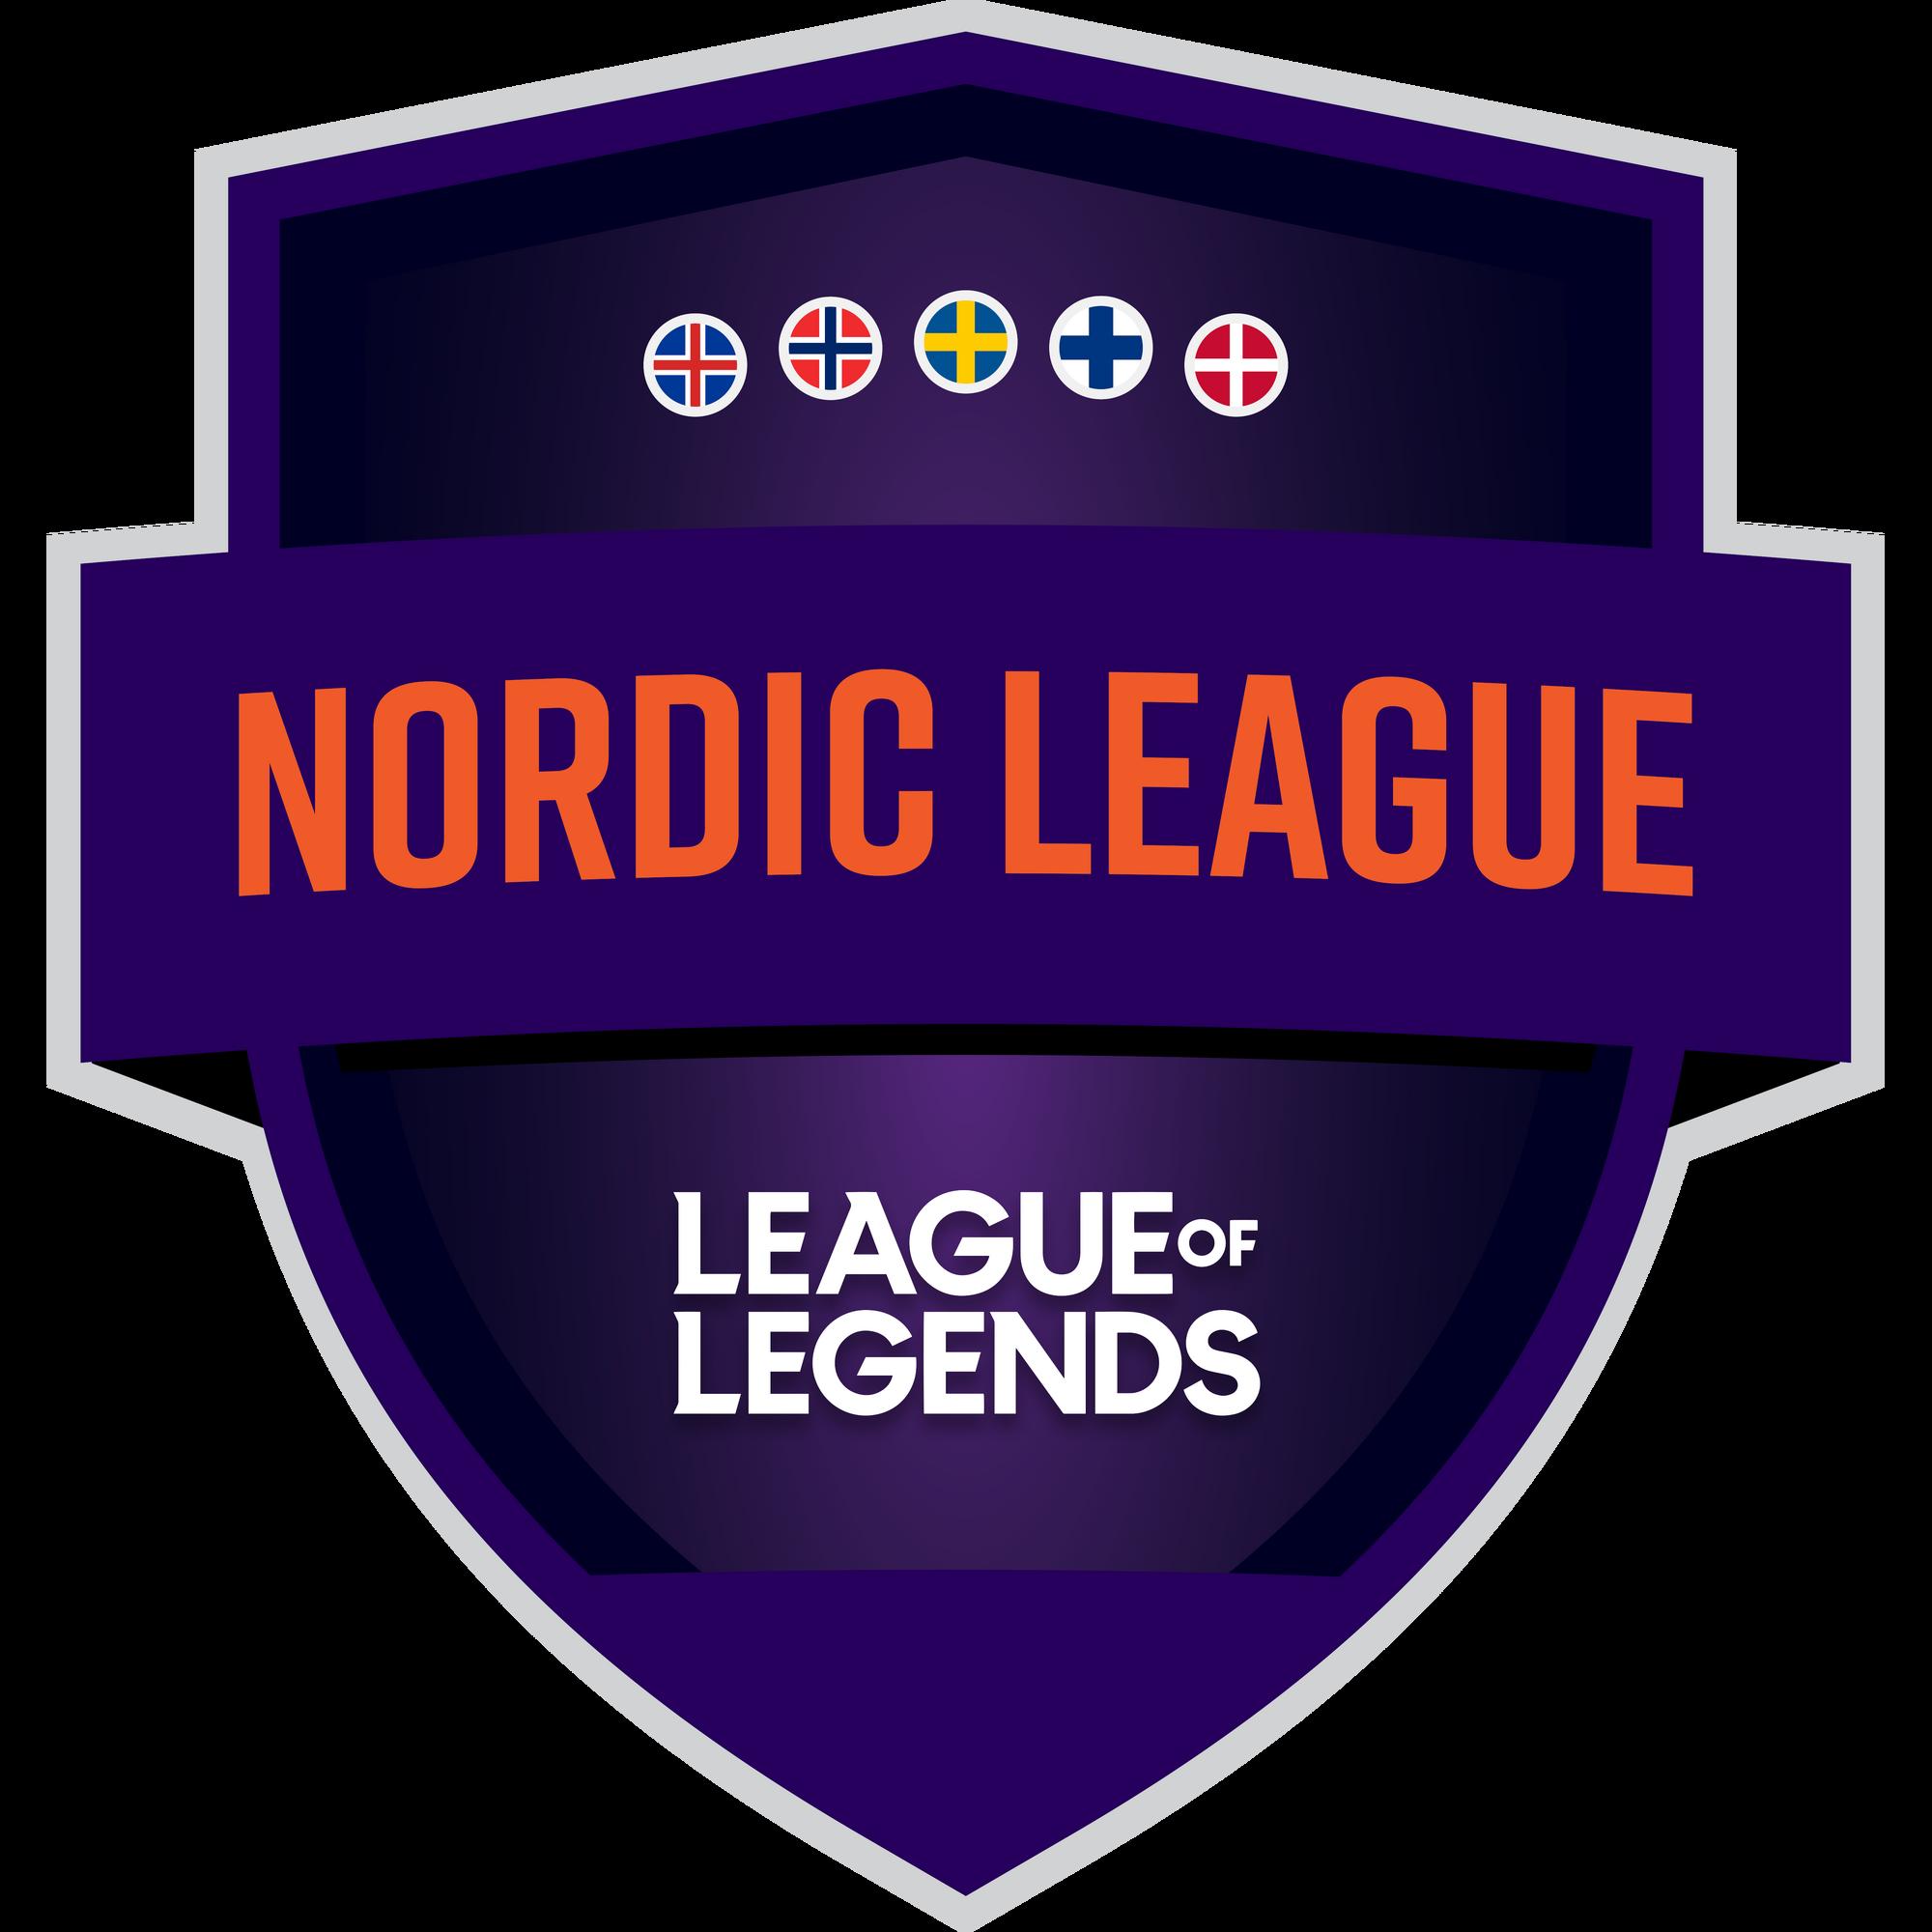 Nordic League 2020 Spring Leaguepedia League Of Legends Esports Wiki